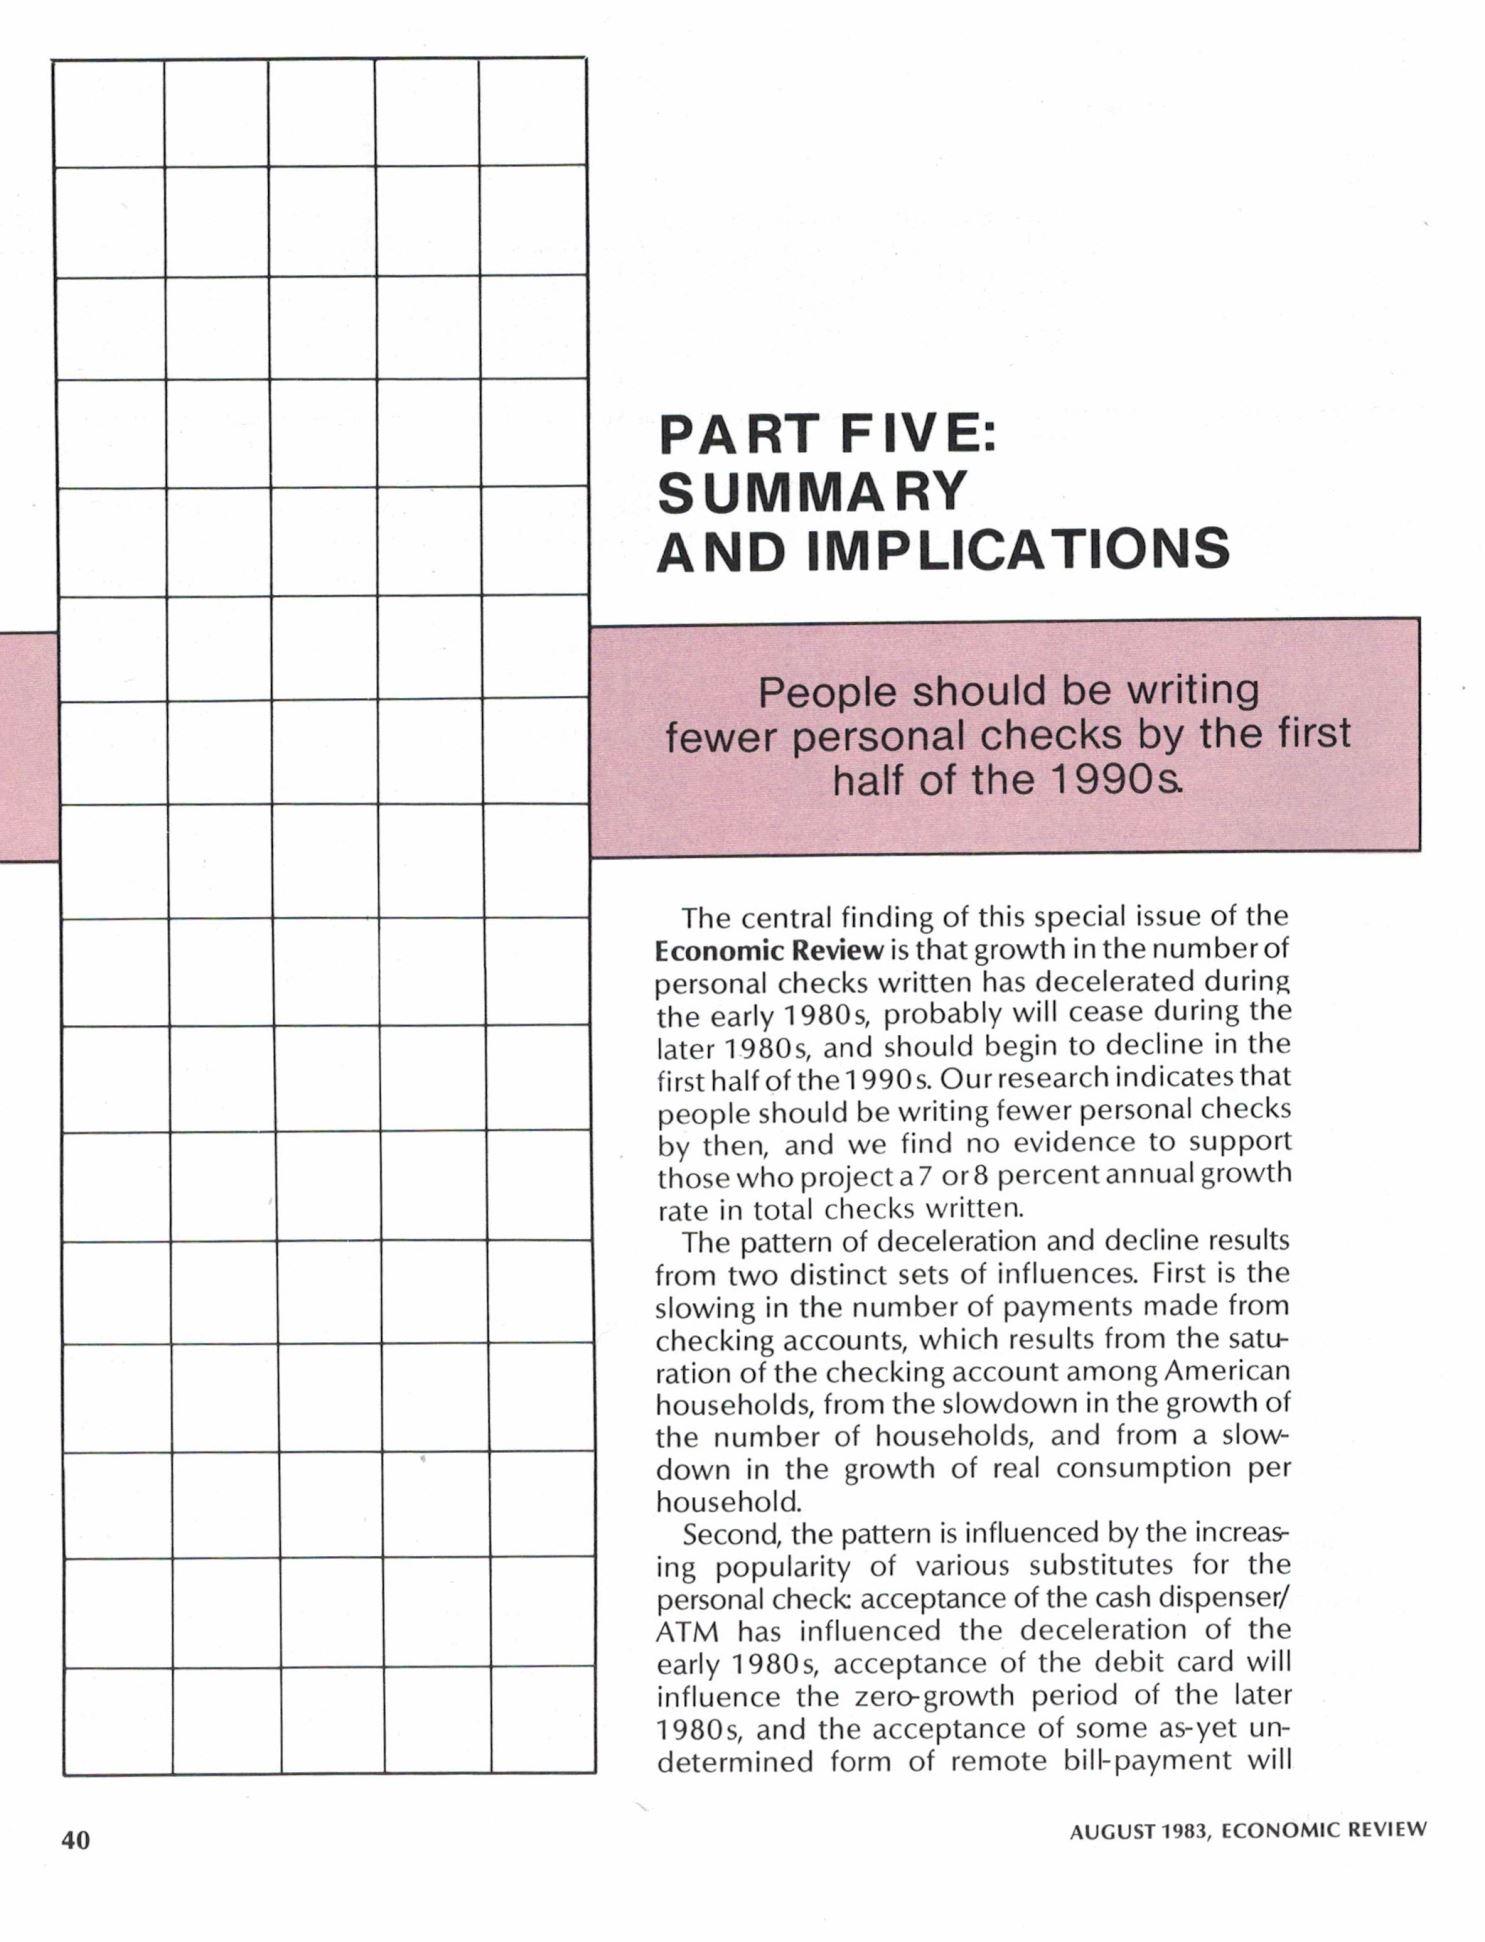 Summary-check-koch-1.jpg